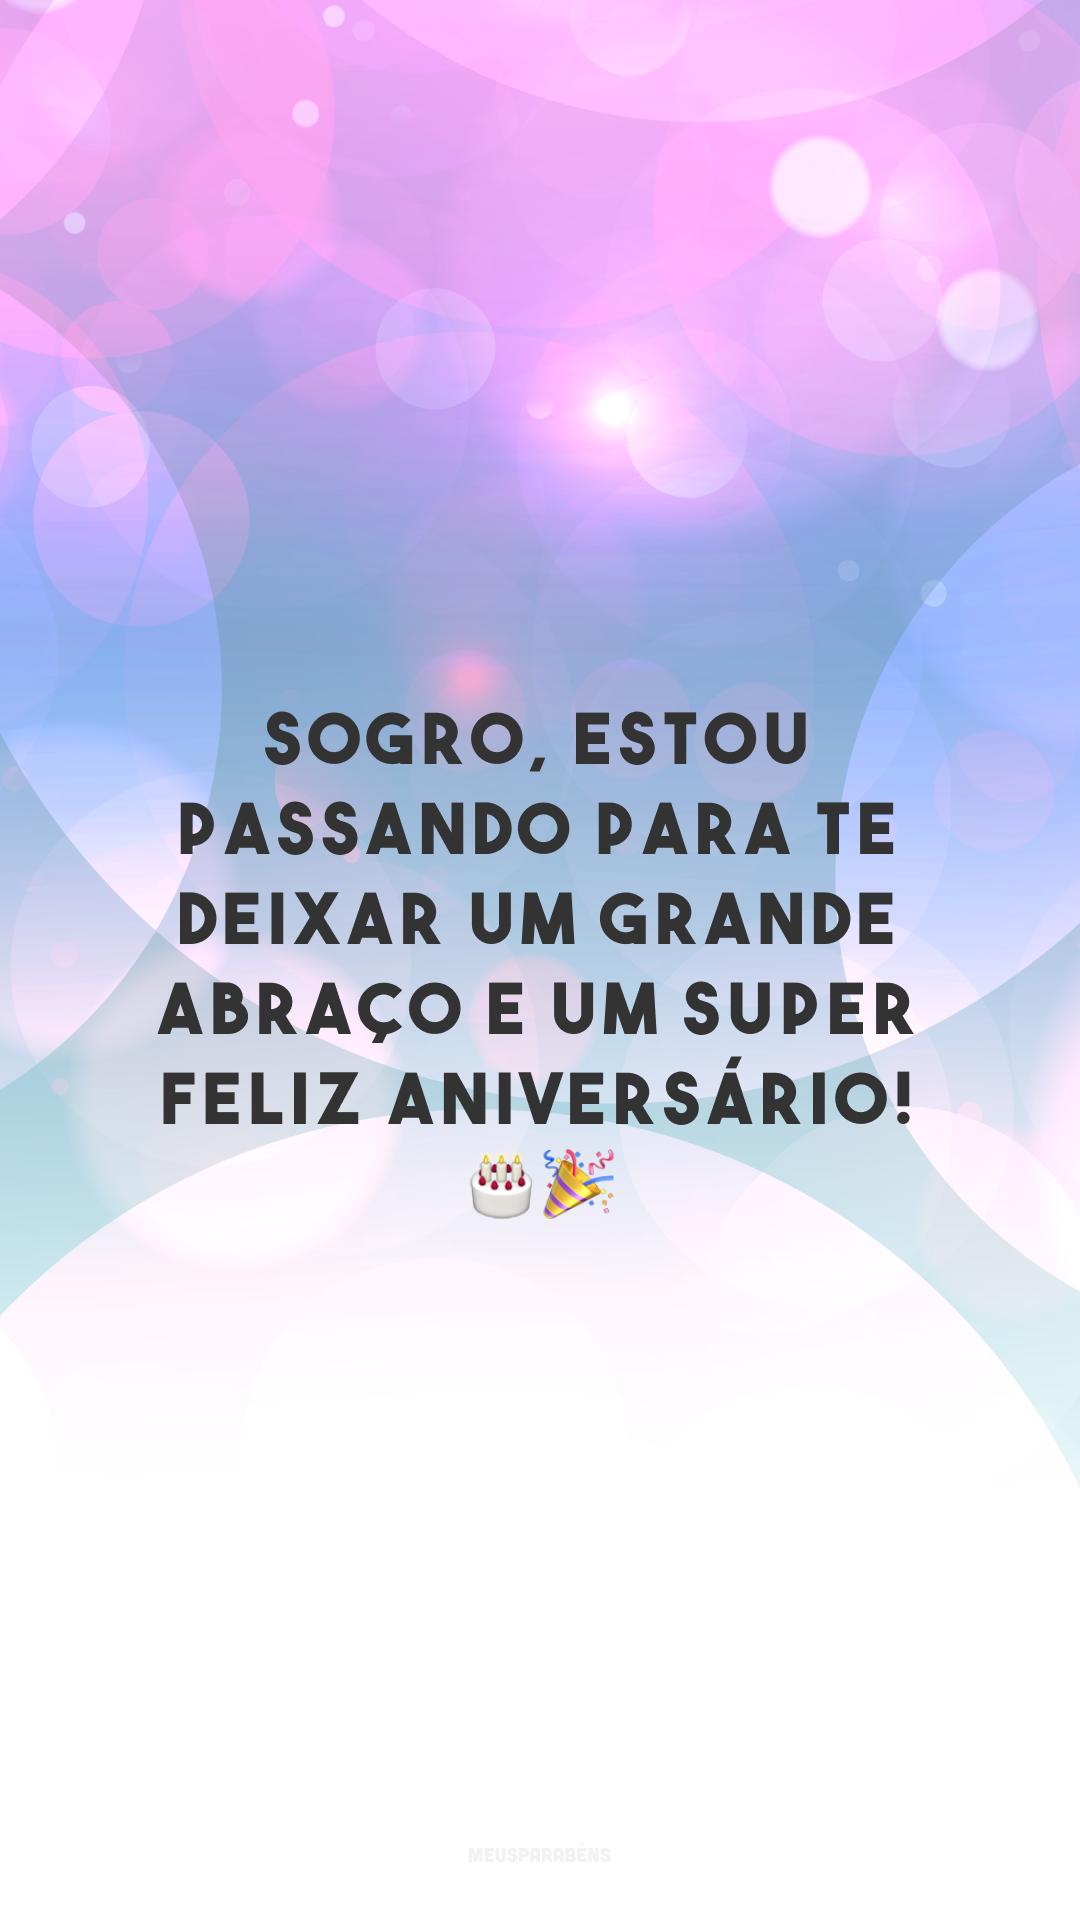 Sogro, estou passando para te deixar um grande abraço e um super feliz aniversário! 🎂🎉